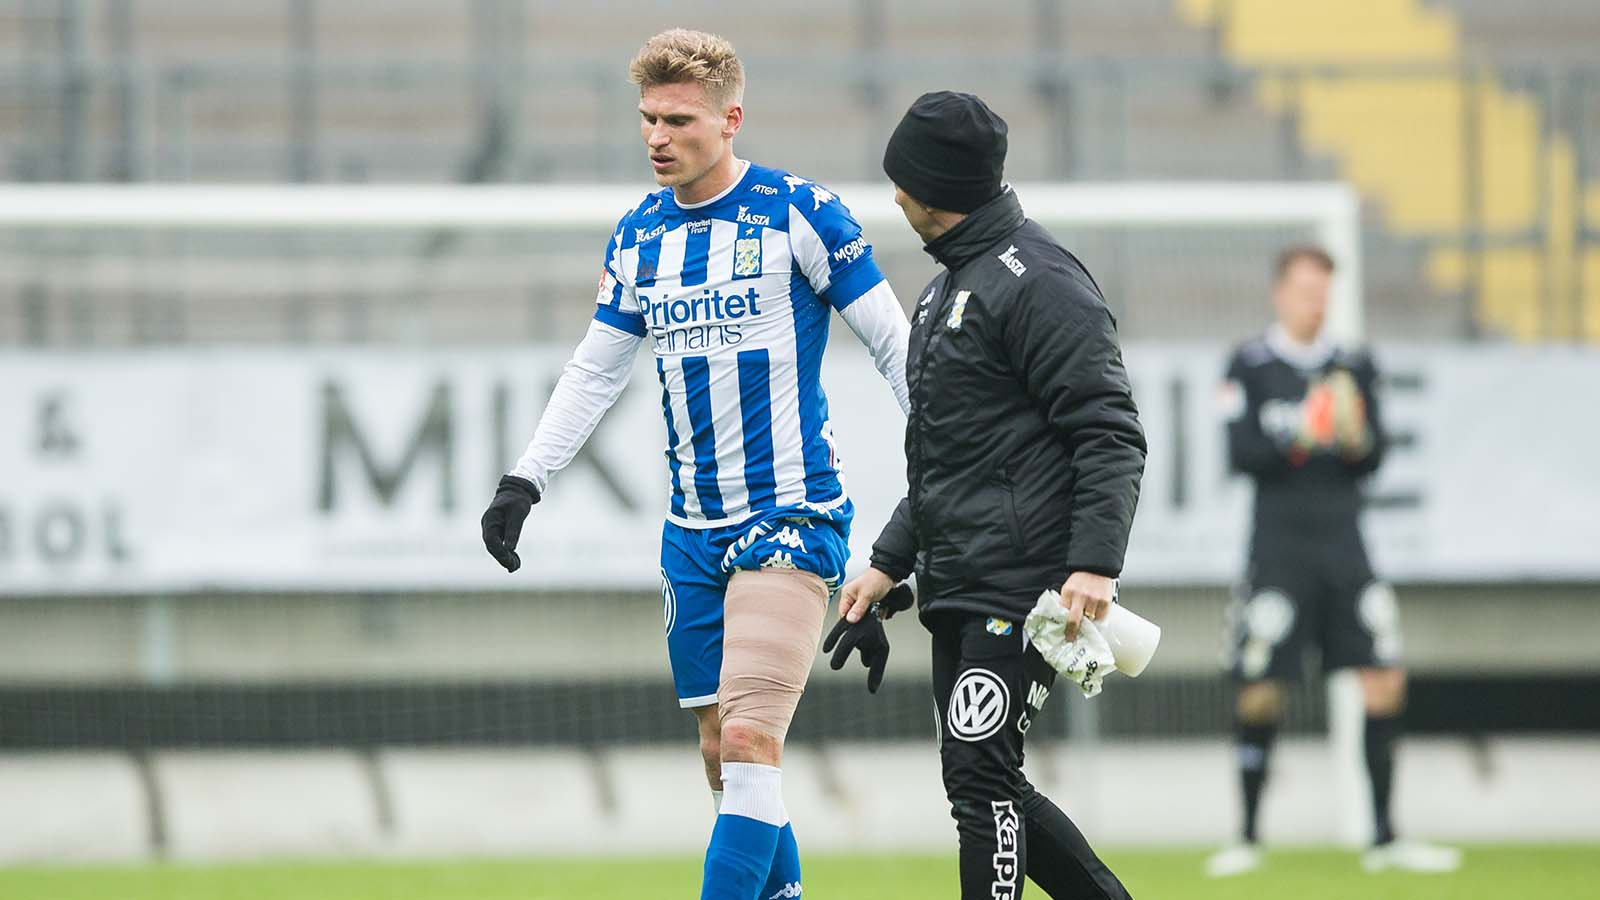 180324 IFK Göteborgs Carl Starfelt tvingas lämna med skada under en träningsmatch i fotboll mellan IFK Göteborg och Örgryte den 24 mars 2018 i Göteborg. Foto: Michael Erichsen / BILDBYRÅN / Cop 89